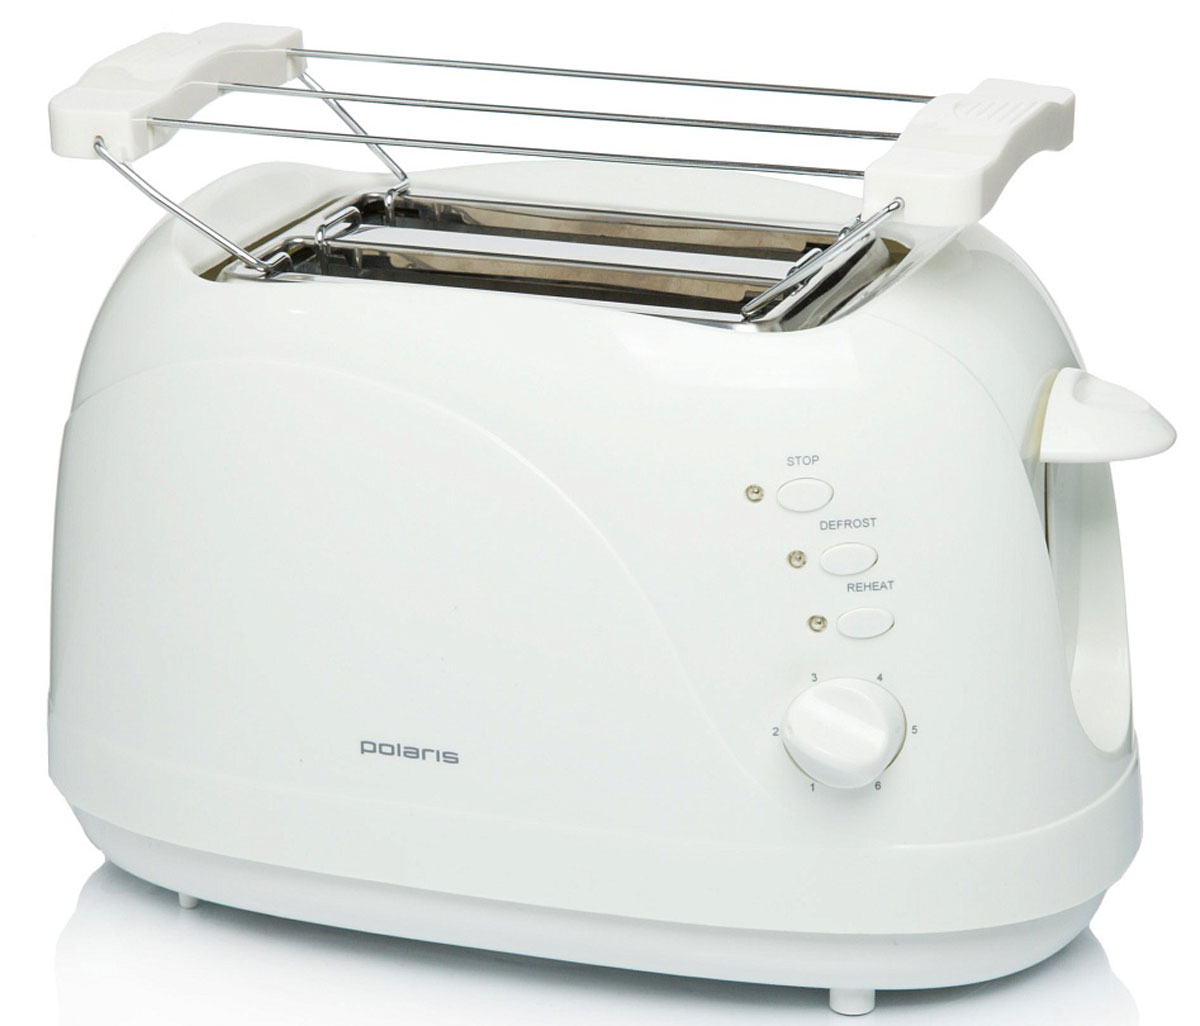 Polaris PET 0702L, White тостерPET 0702L_белыйТостер PET 0702L от Polaris порадует вас возможностью выбрать одну из нескольких степеней поджариванияваших тостов - двух одновременно! Его корпус сконструирован таким образом, чтобы не нагреваться при работе -безопасность на кухне прежде всего. Он умеет не только поджаривать ломтики хлеба, но и подогревать булочкина специальной решетке, и даже размораживать продукты.Чтобы ваше утро стало немного веселей, он поджарит ломтик хлеба, нарисовав на нём озорную улыбку. А кнопкаотмена поможет вовремя исправить сделанную спросонья ошибку. Ещё одна приятная и удобная деталь - поддондля сбора крошек.